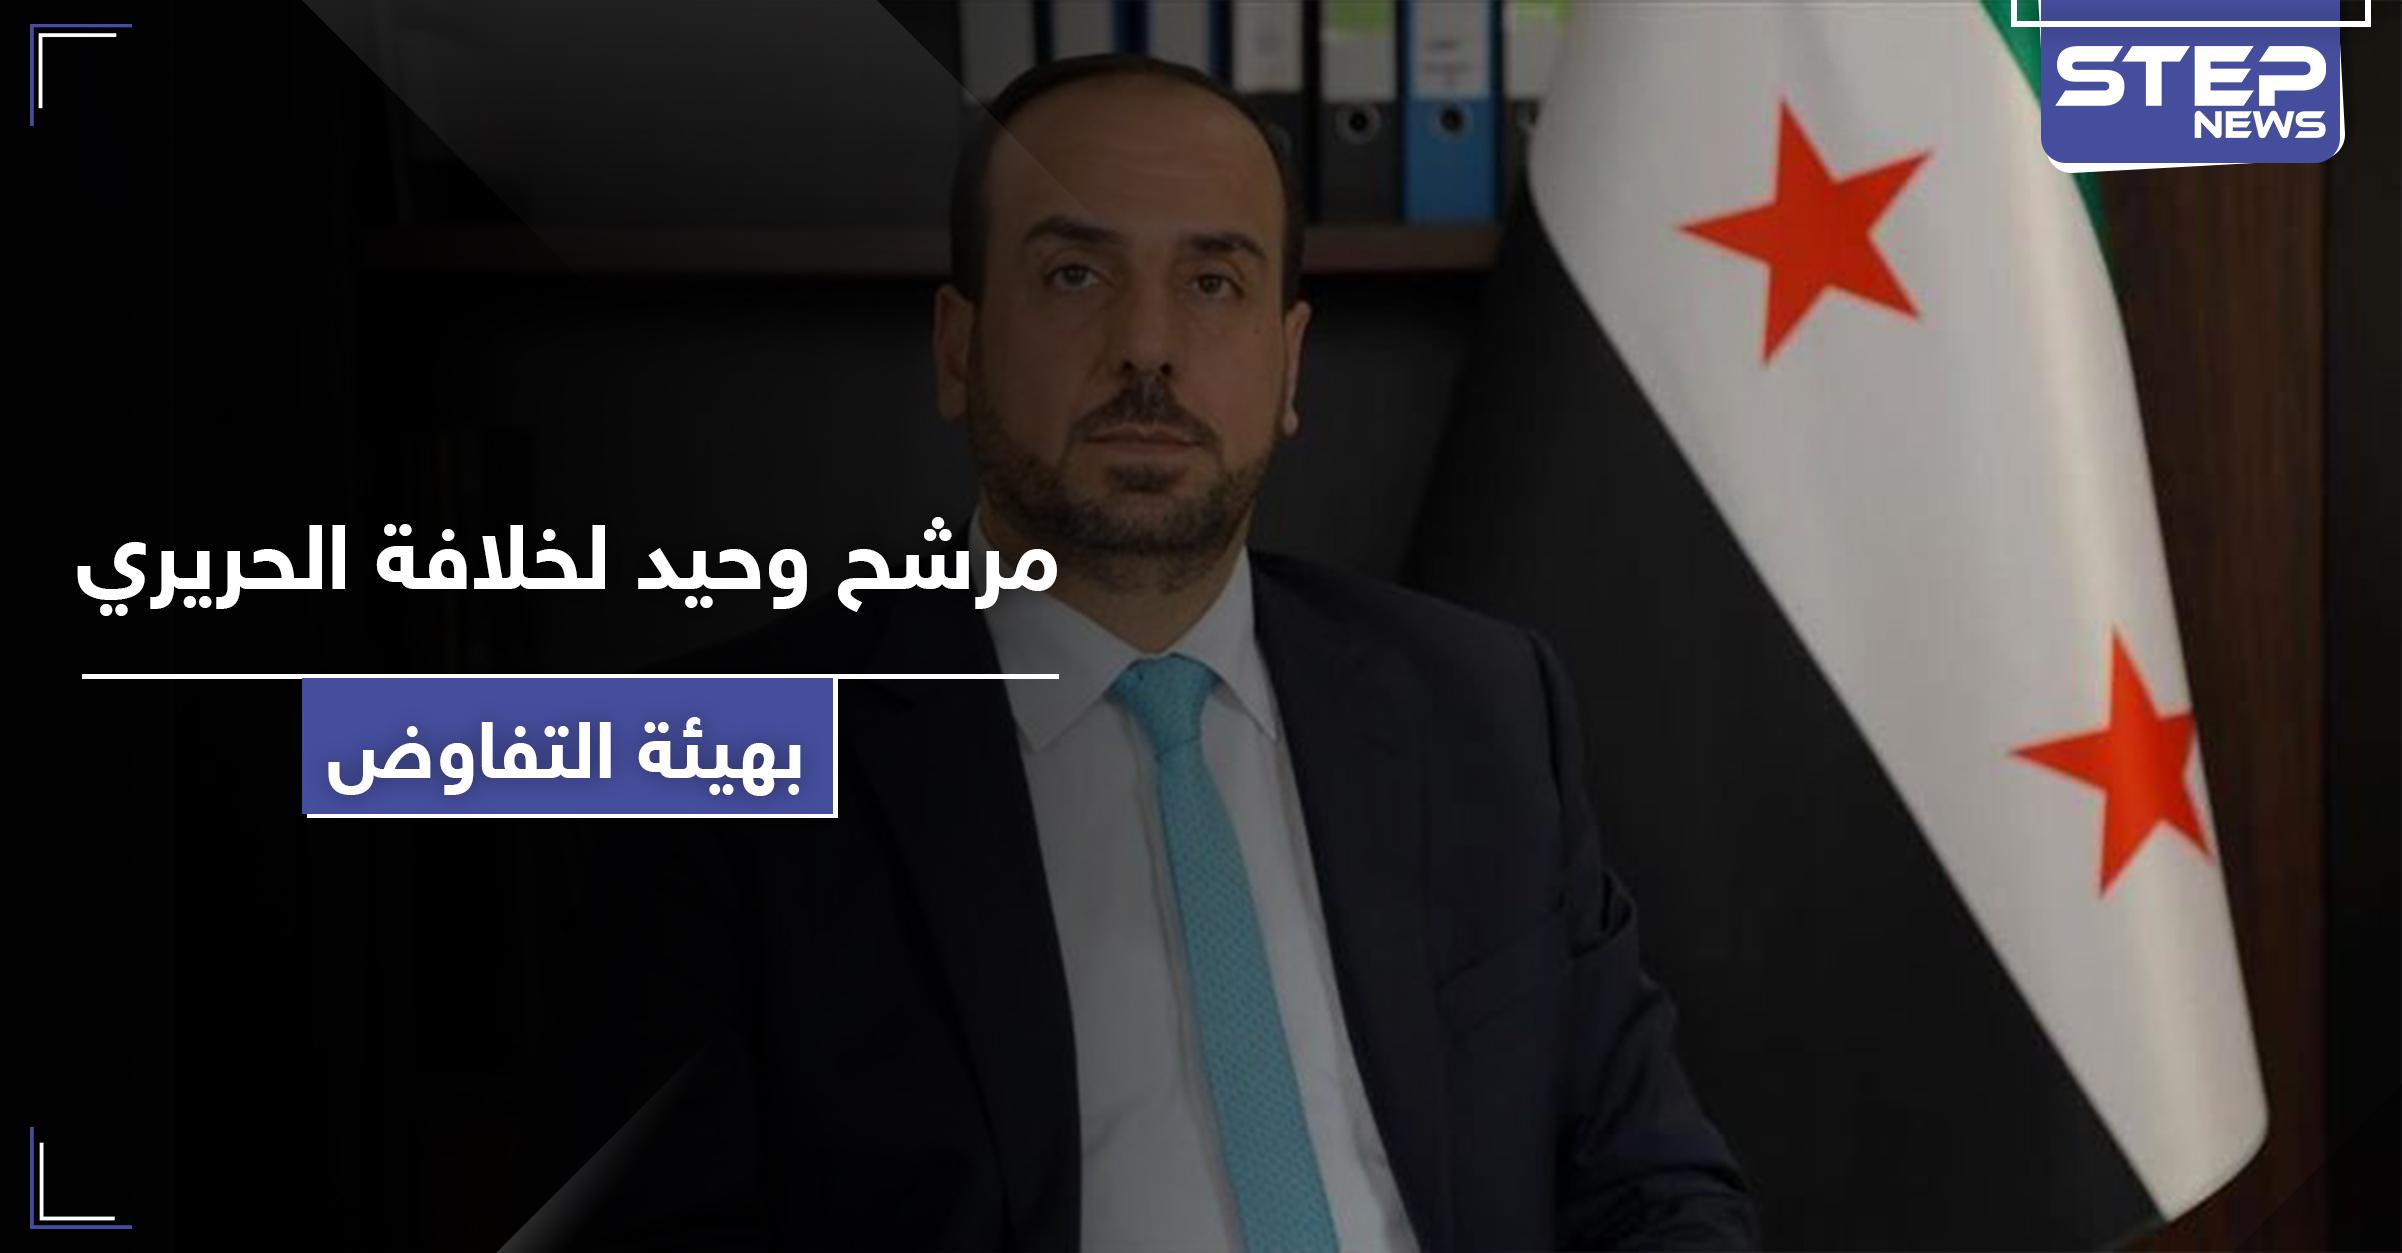 الحريري يعلن انتهاء ولايته في رئاسة هيئة التفاوض.. ومرشح وحيد لخلافته